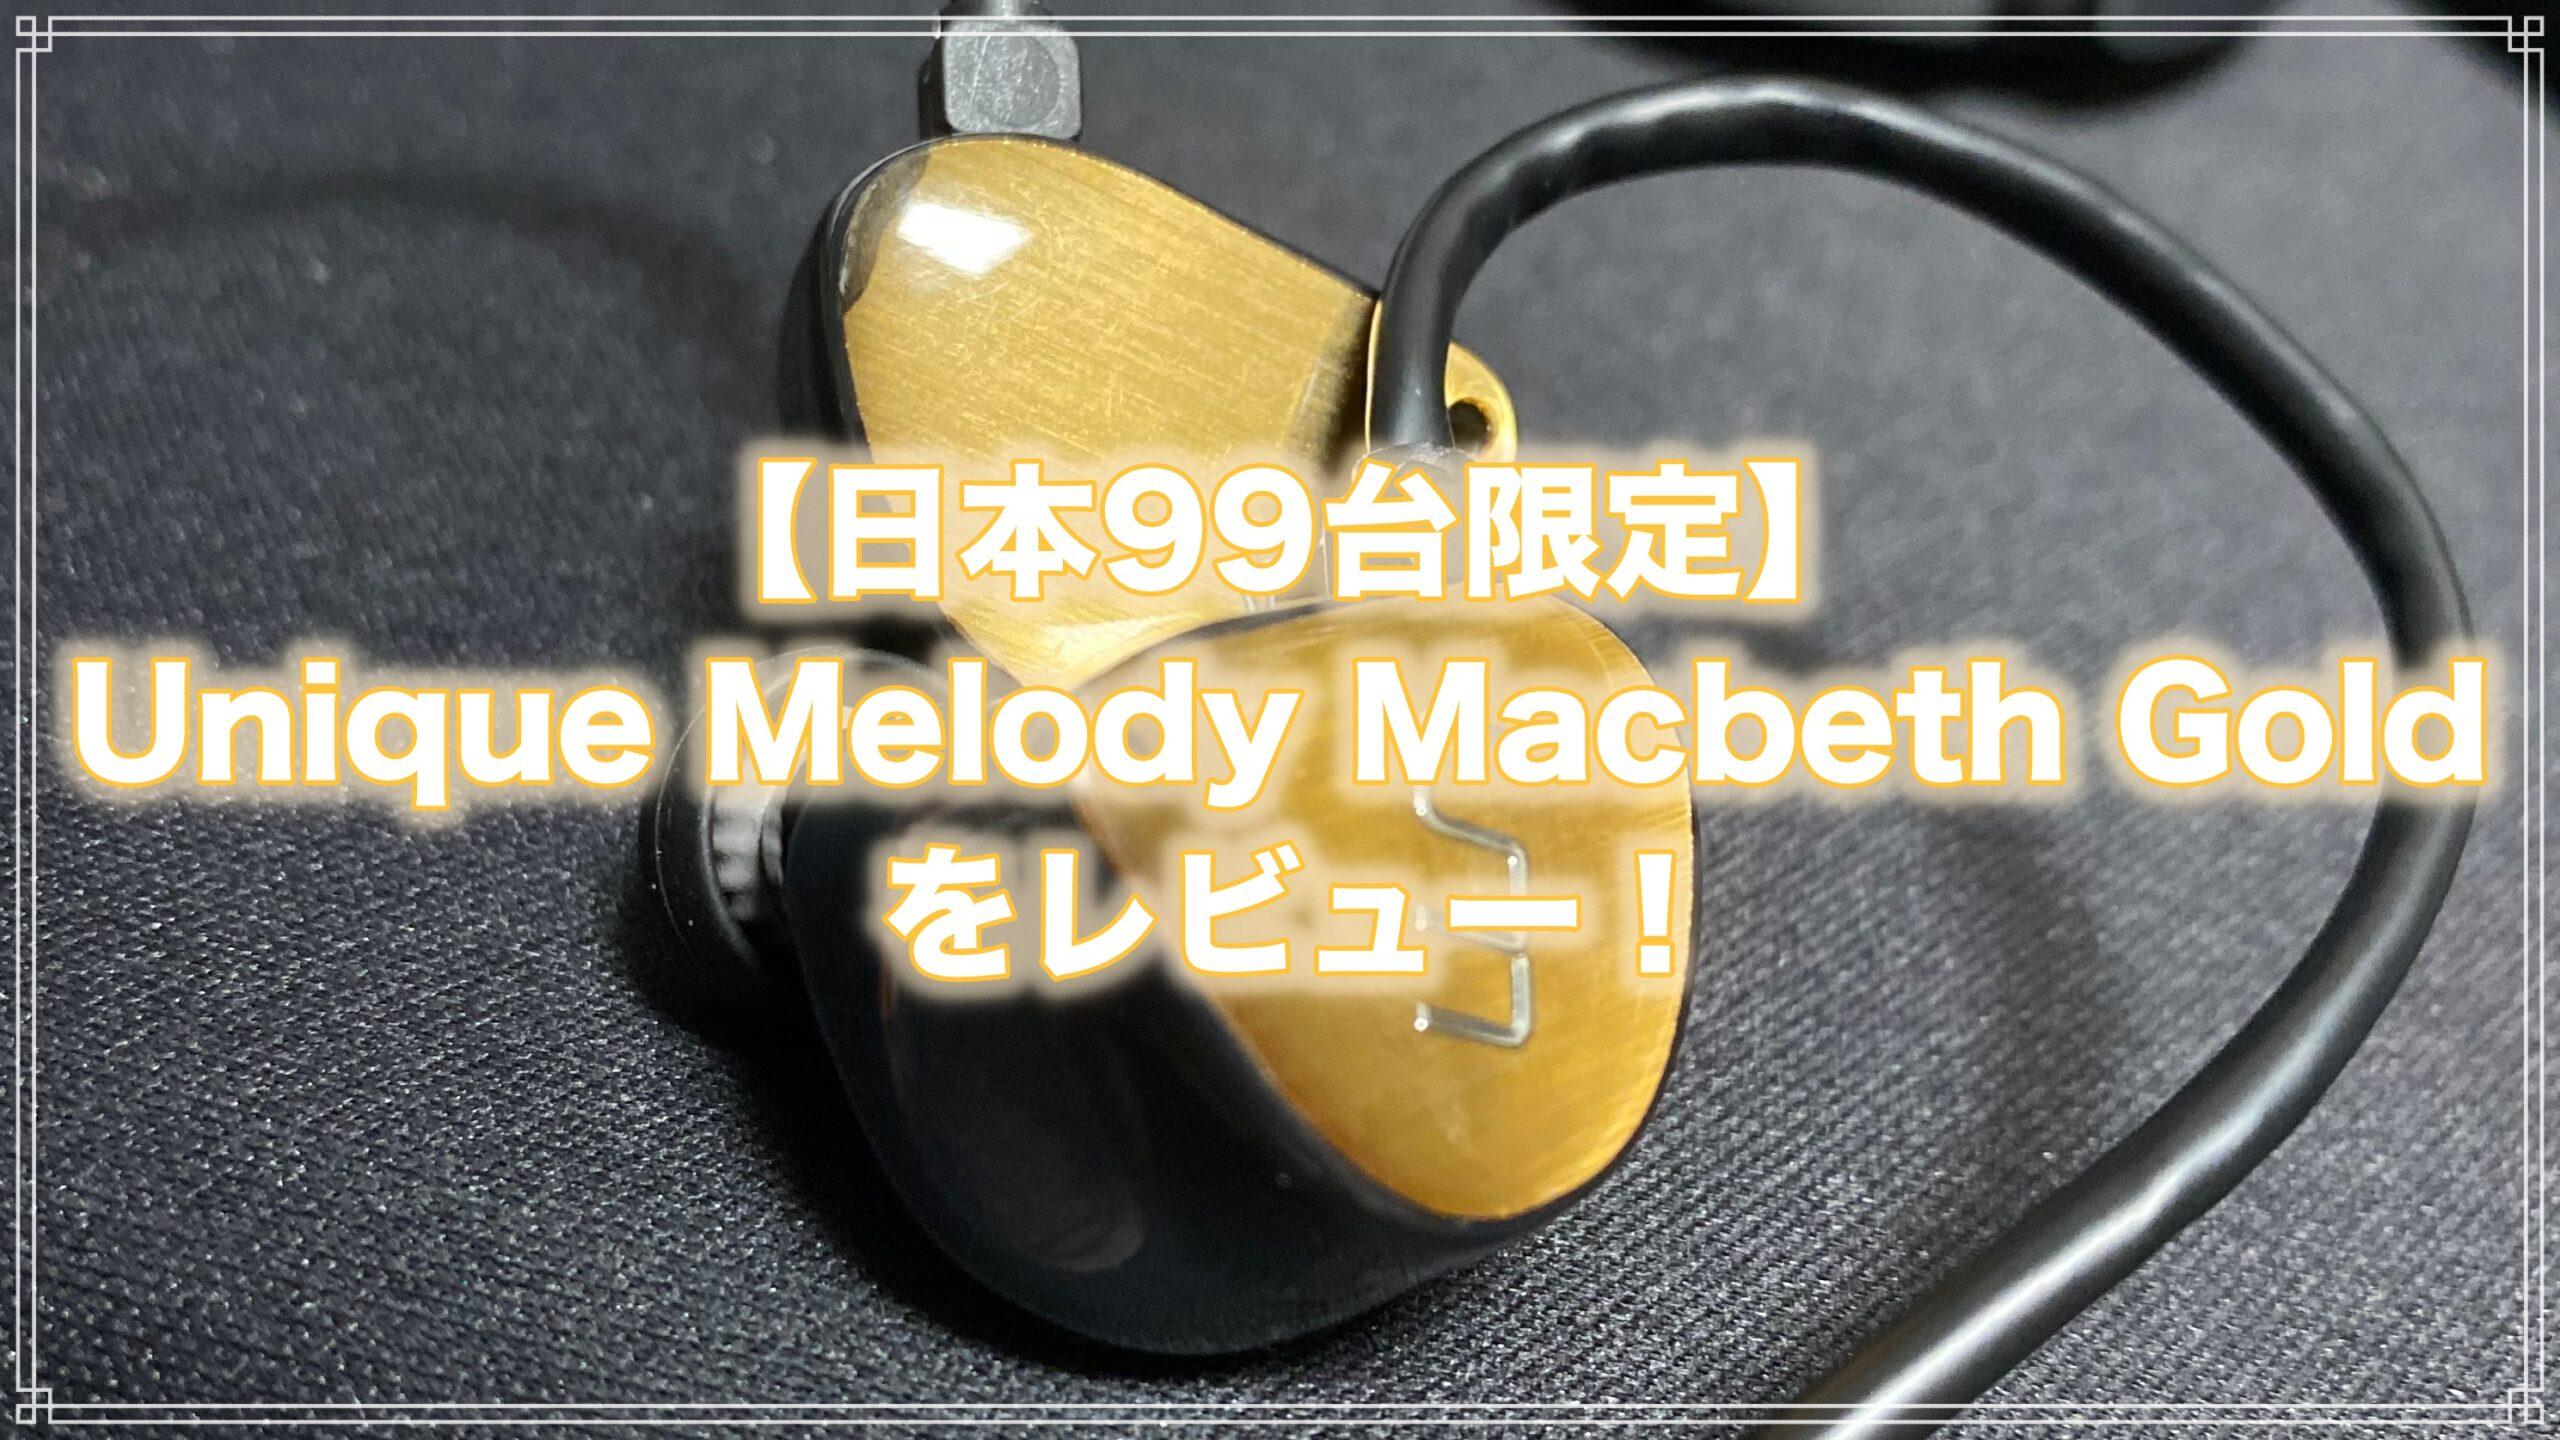 【日本99台限定】Unique Melody Macbeth Goldをレビュー!